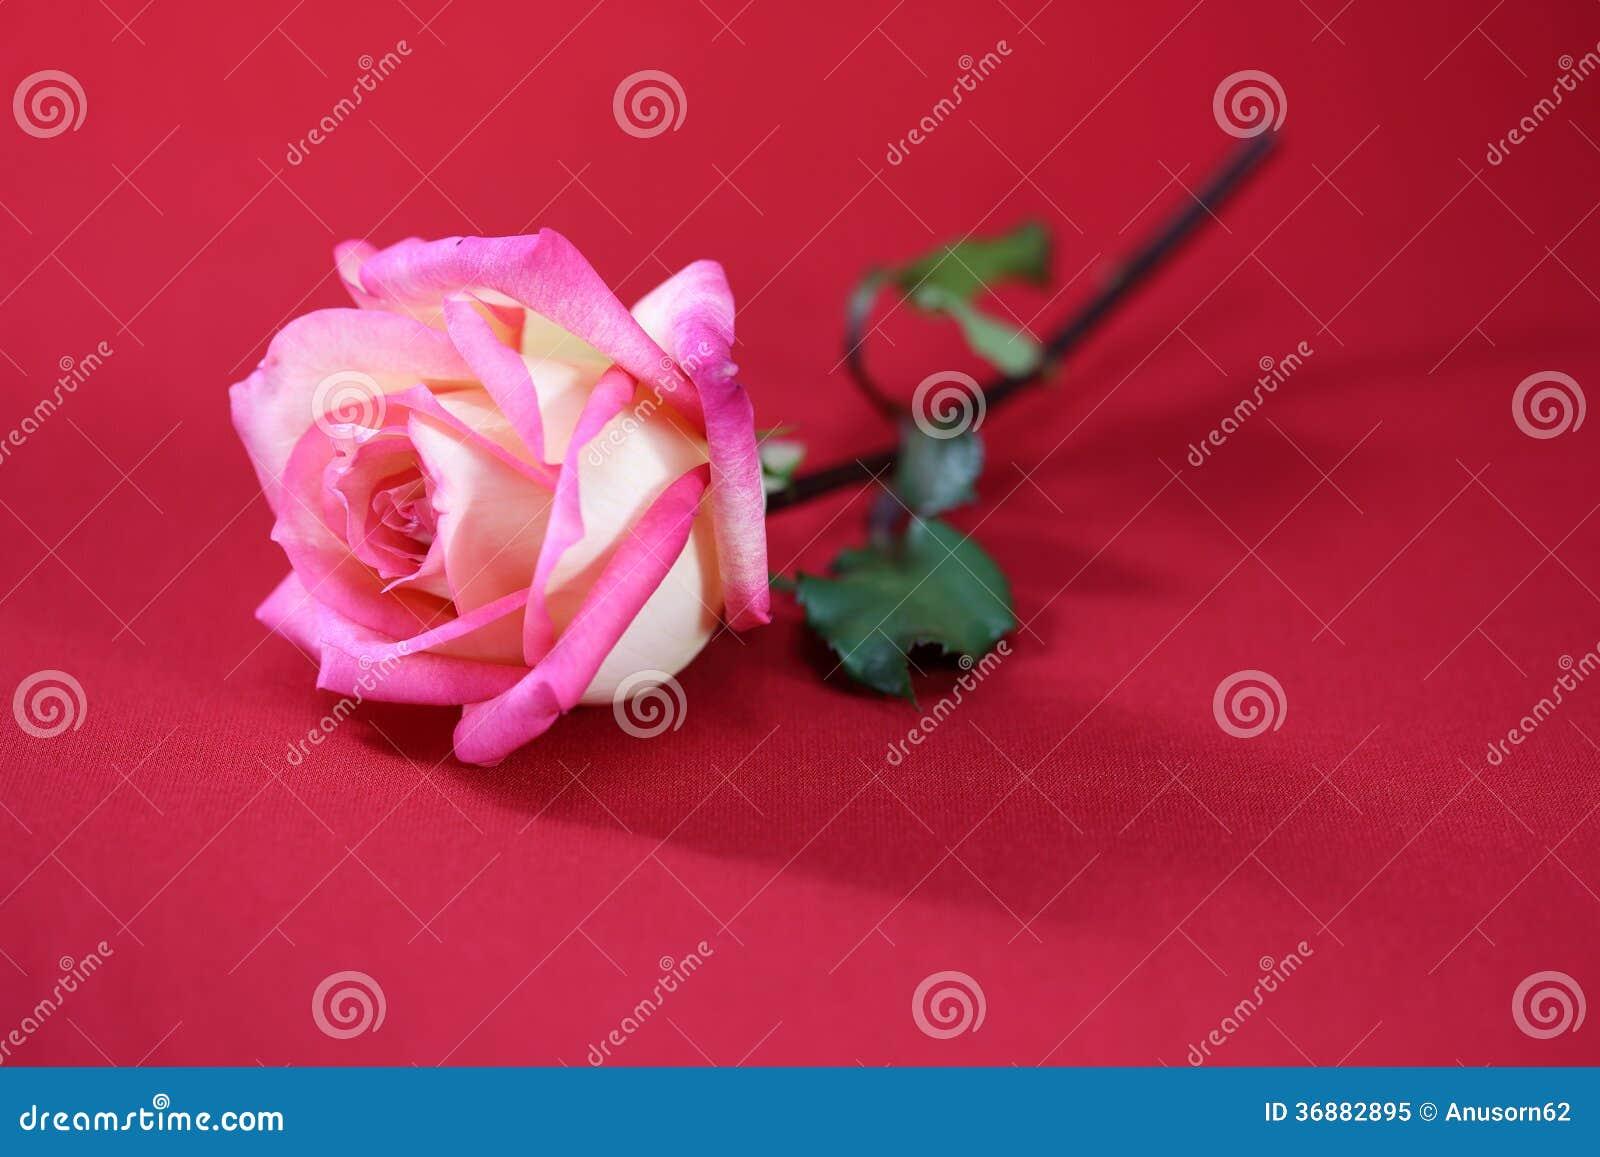 Download Rose rosa immagine stock. Immagine di eleganza, regalo - 36882895